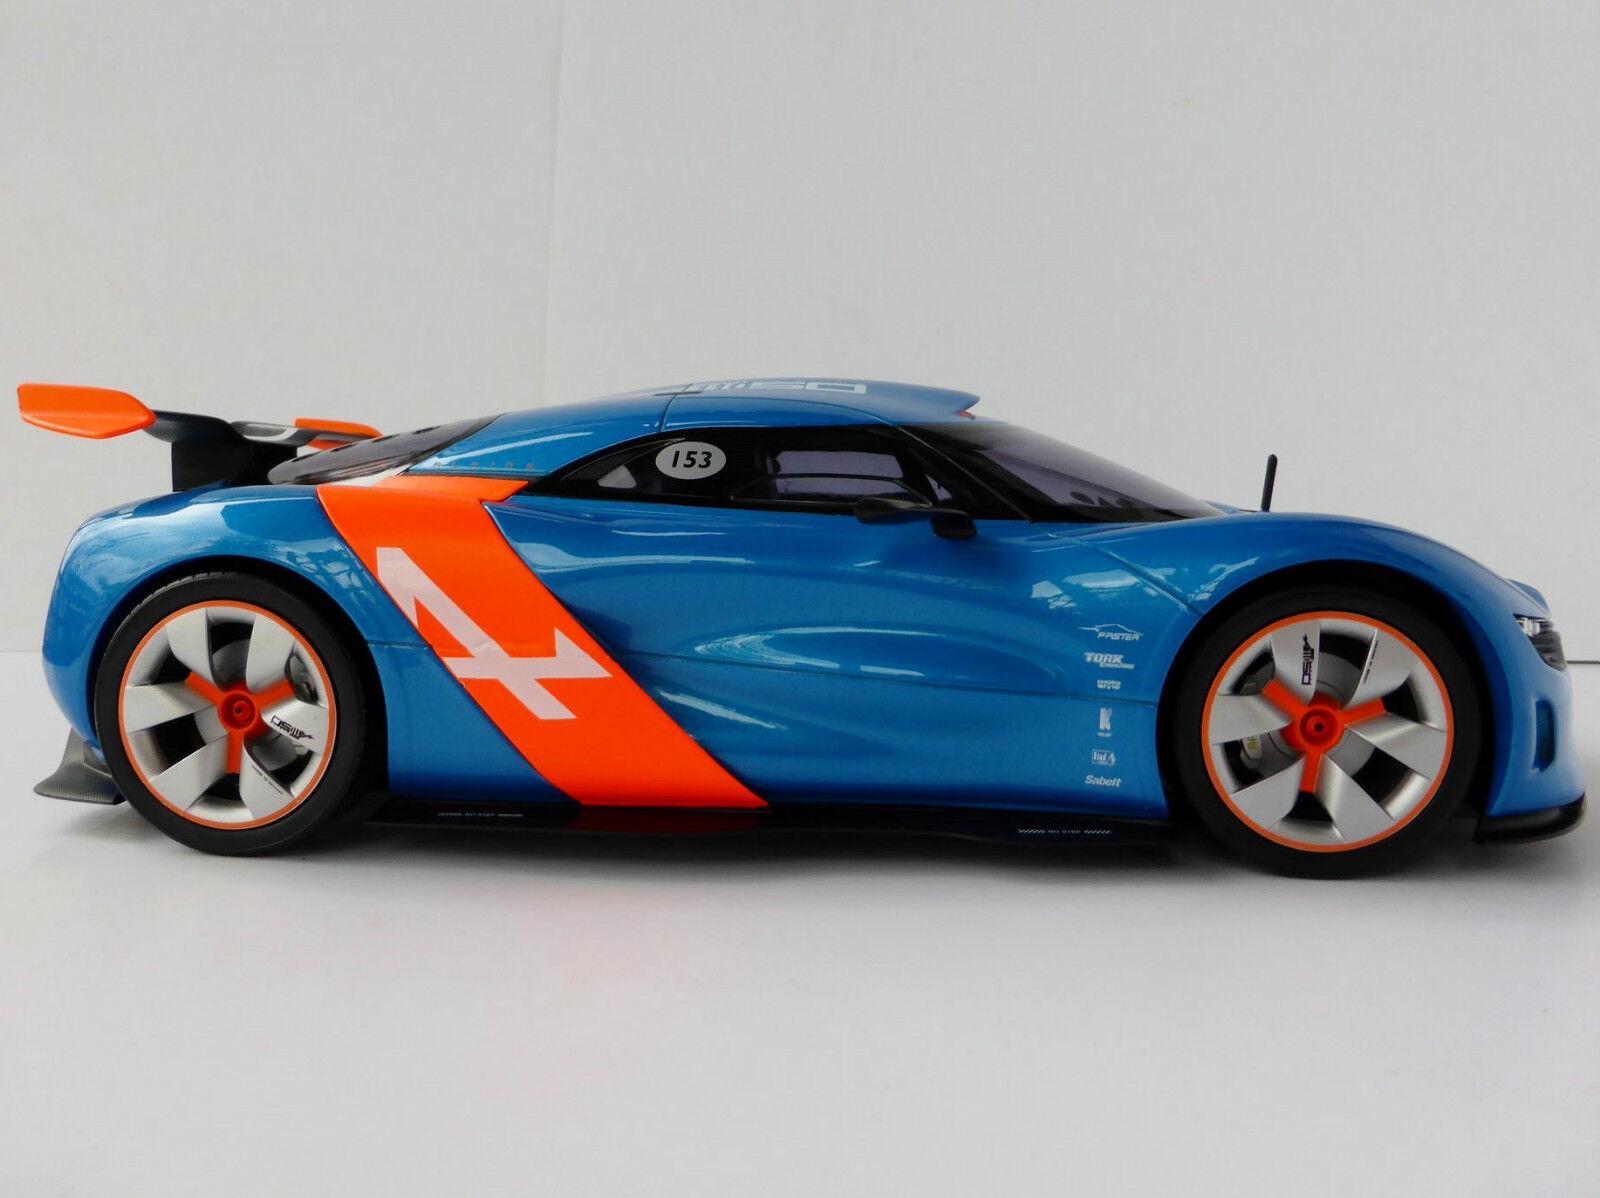 Renault alpine a110-50 blu arancia 1 18 norev 185147 prossootipo a110 a 110